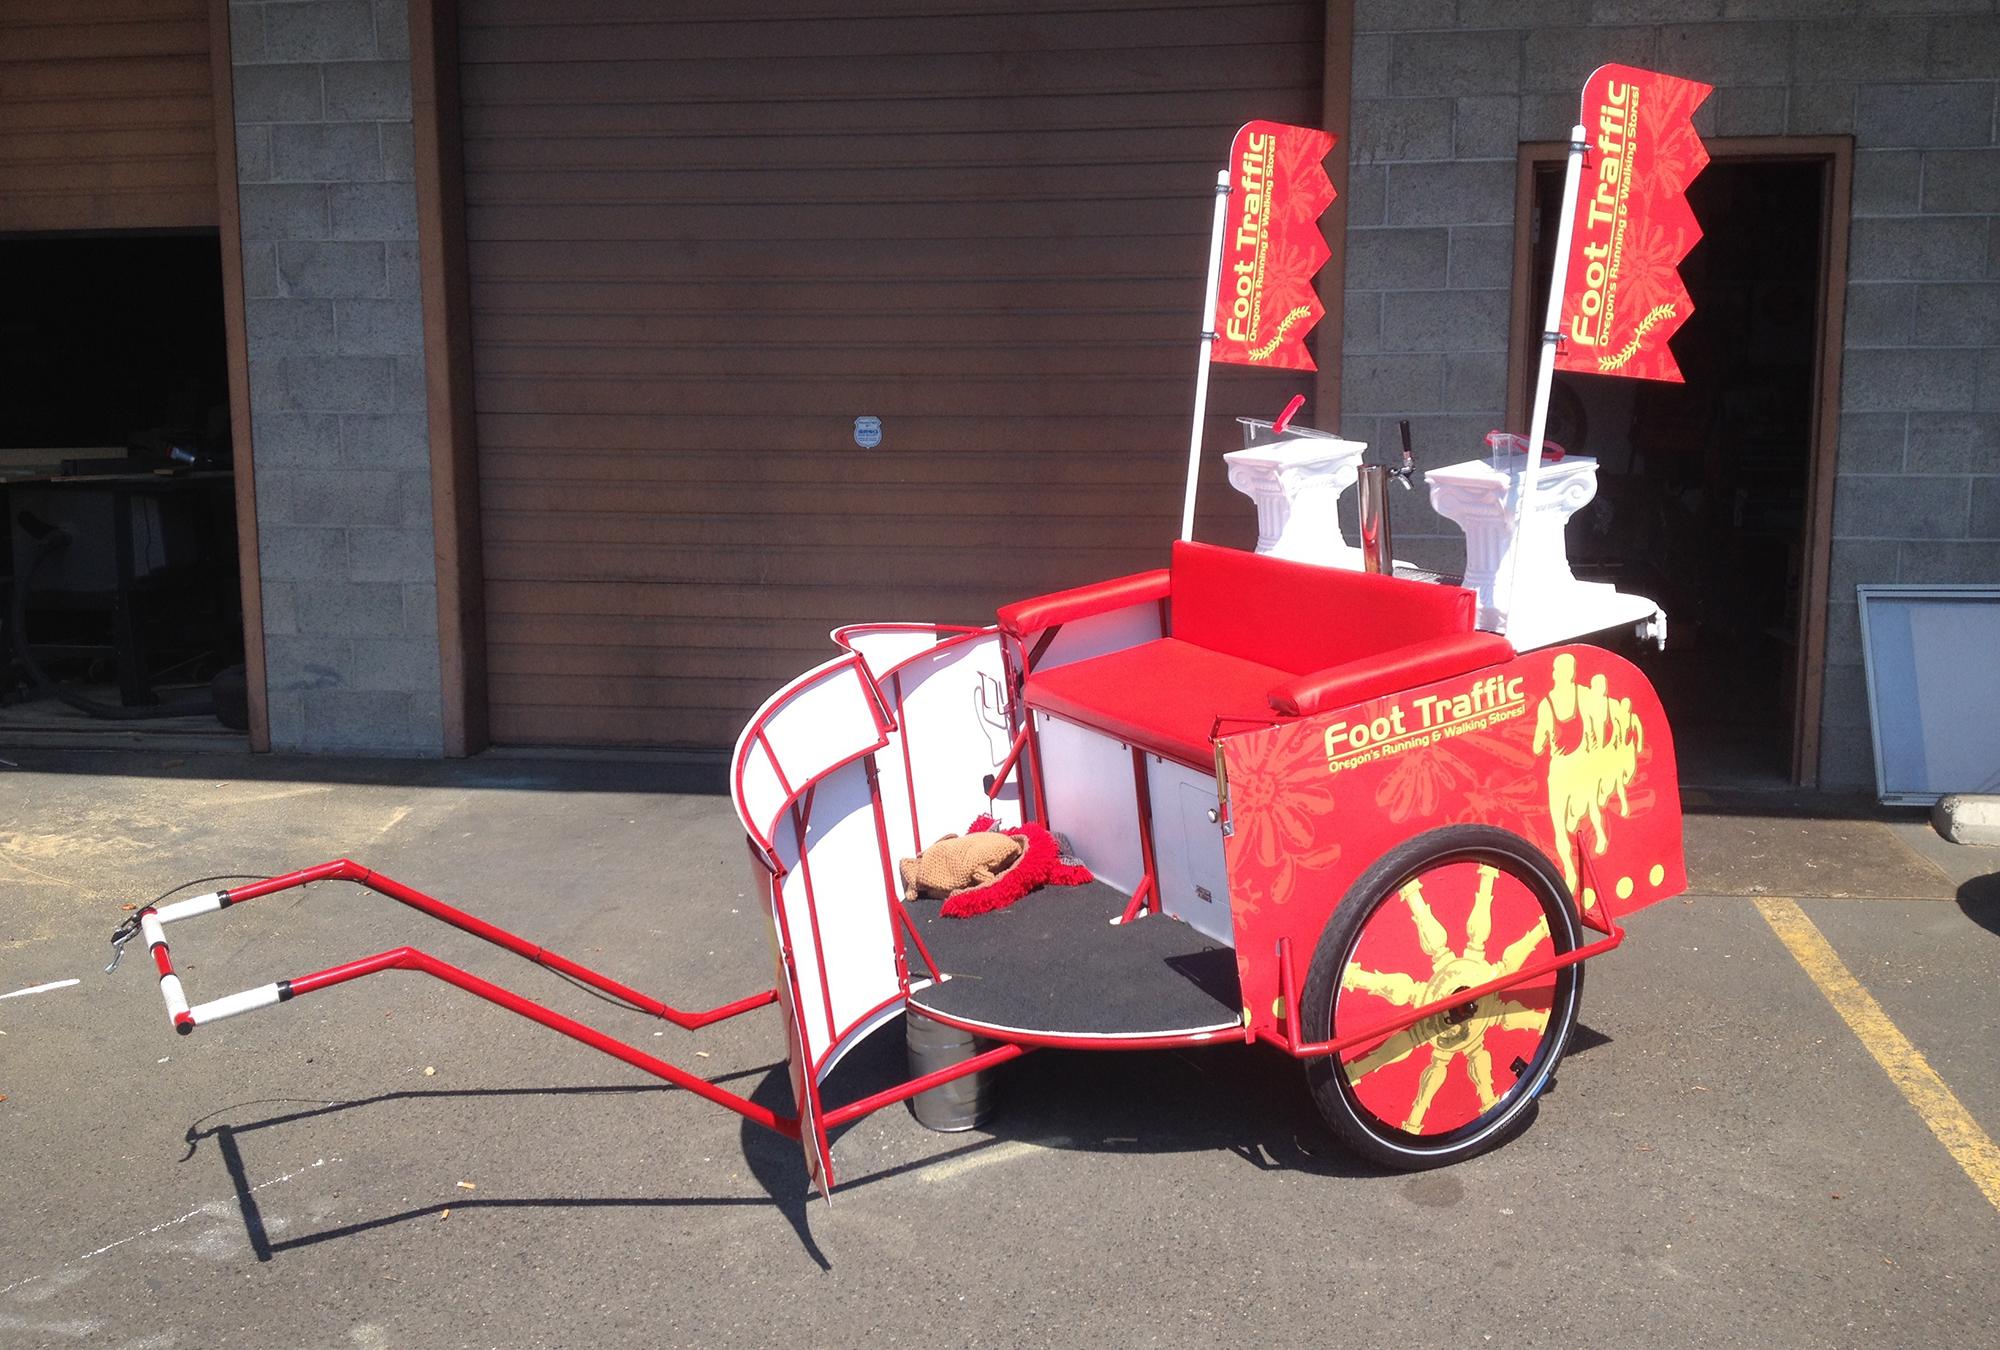 foottraffic pdx portland running rickshaw